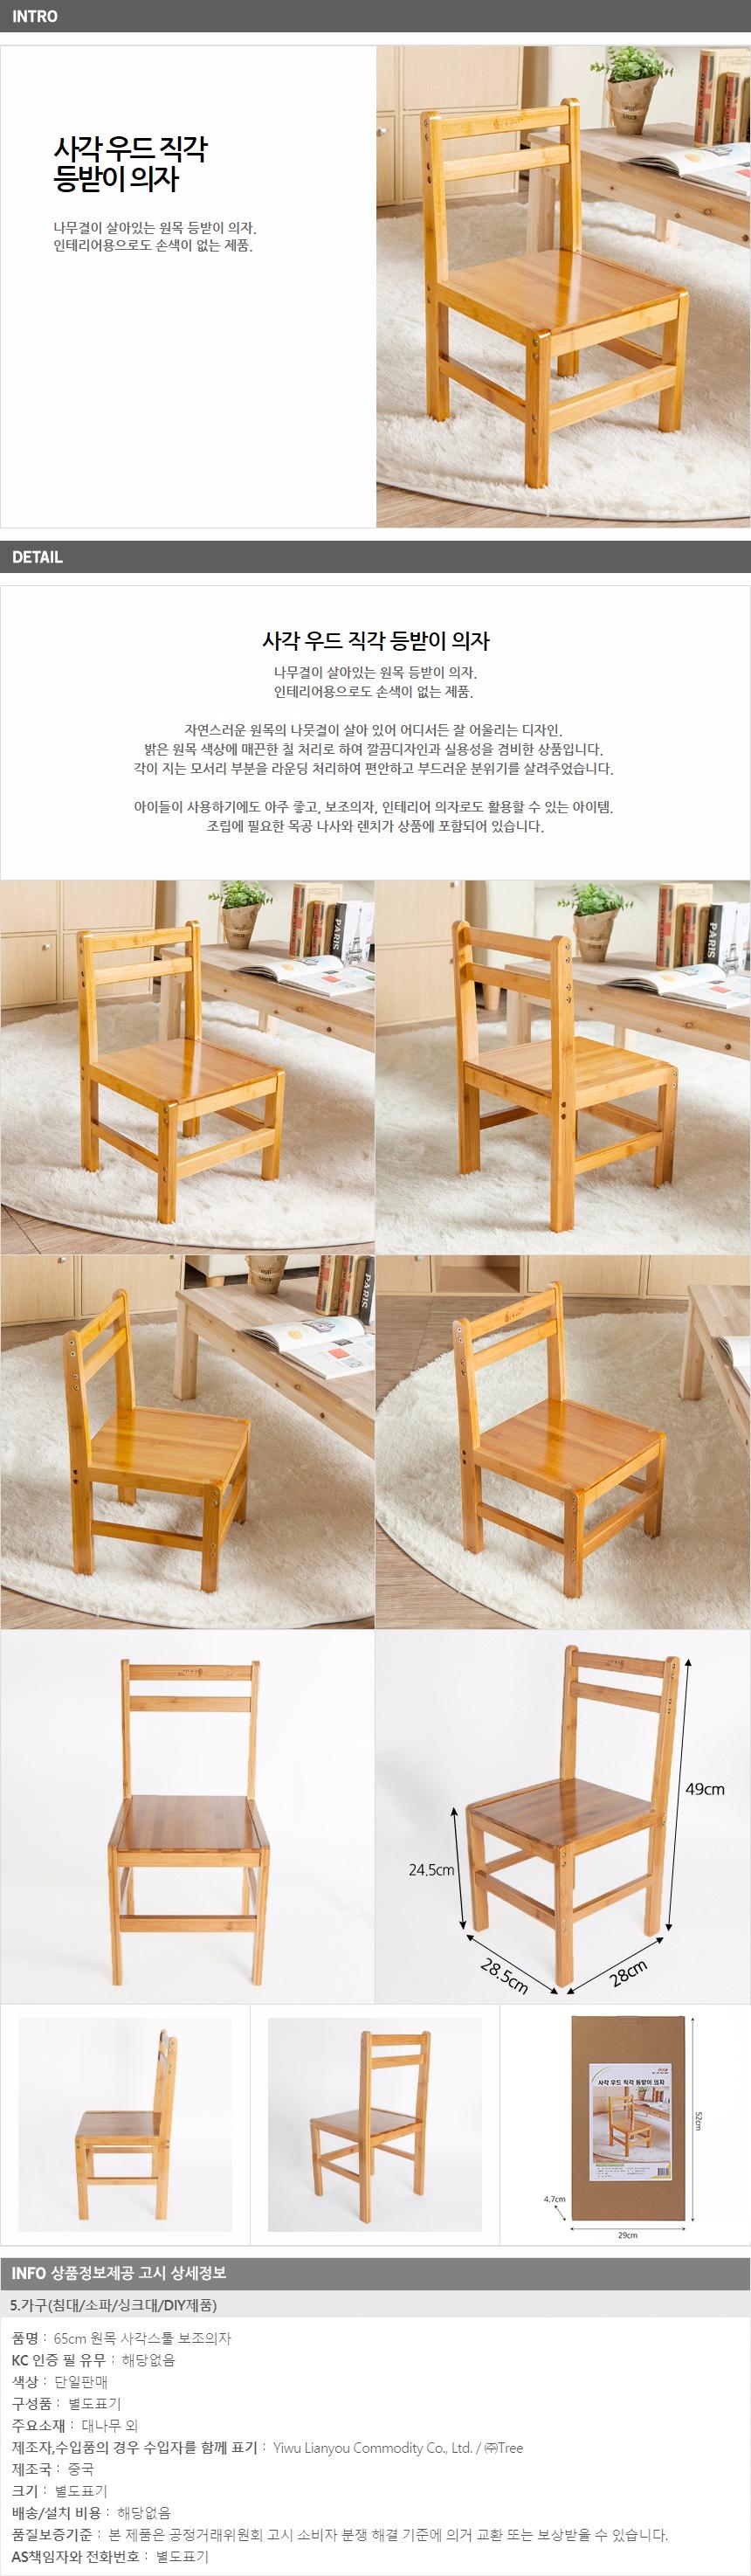 대나무 등받이 원목의자/인테리어용 아동용 나무의자 - 기프트갓, 27,270원, 디자인 의자, 우드의자